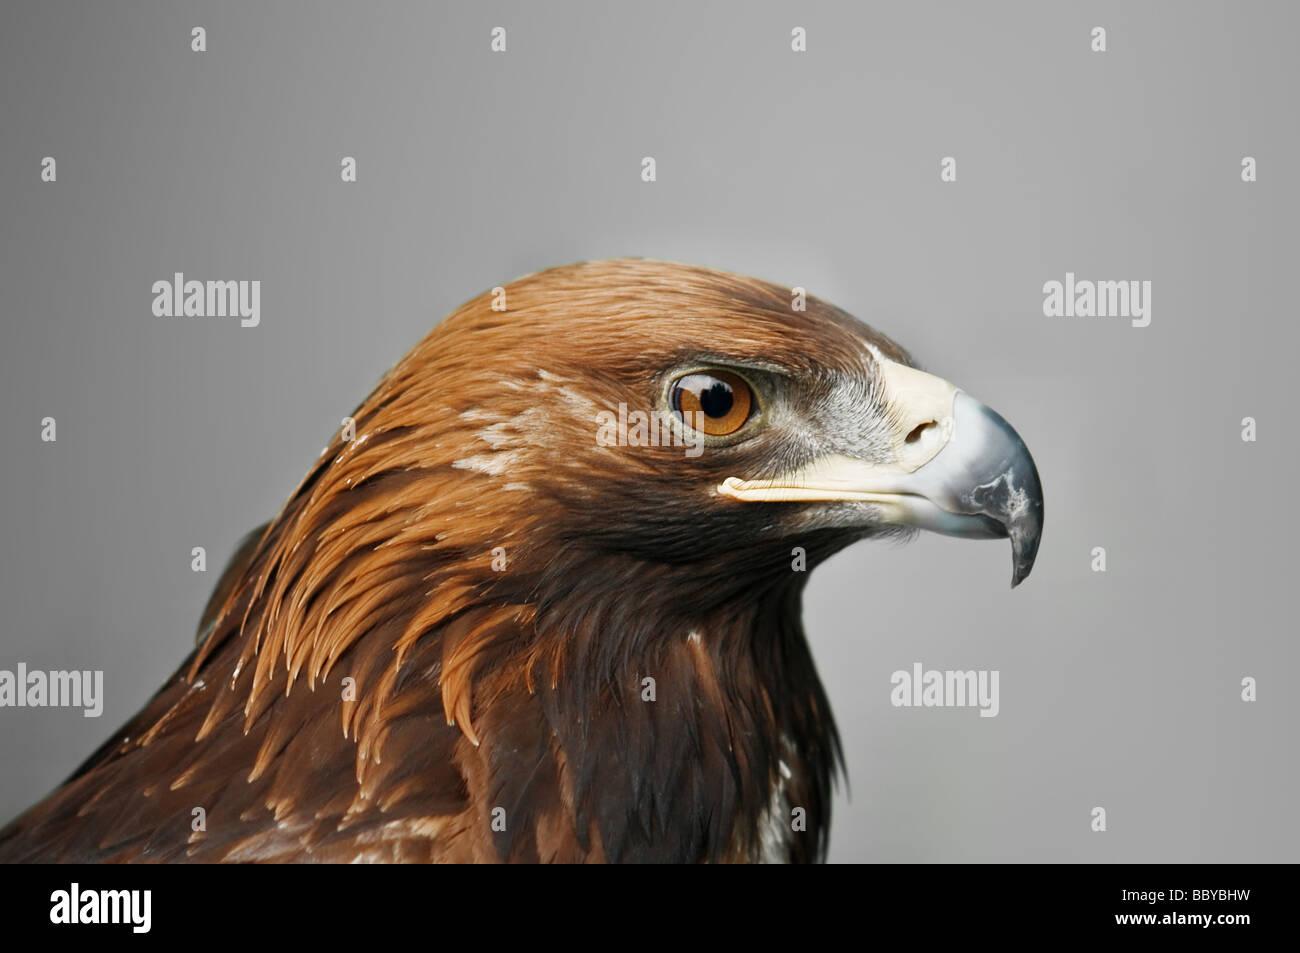 Golden Eagle isolato su sfondo grigio Immagini Stock